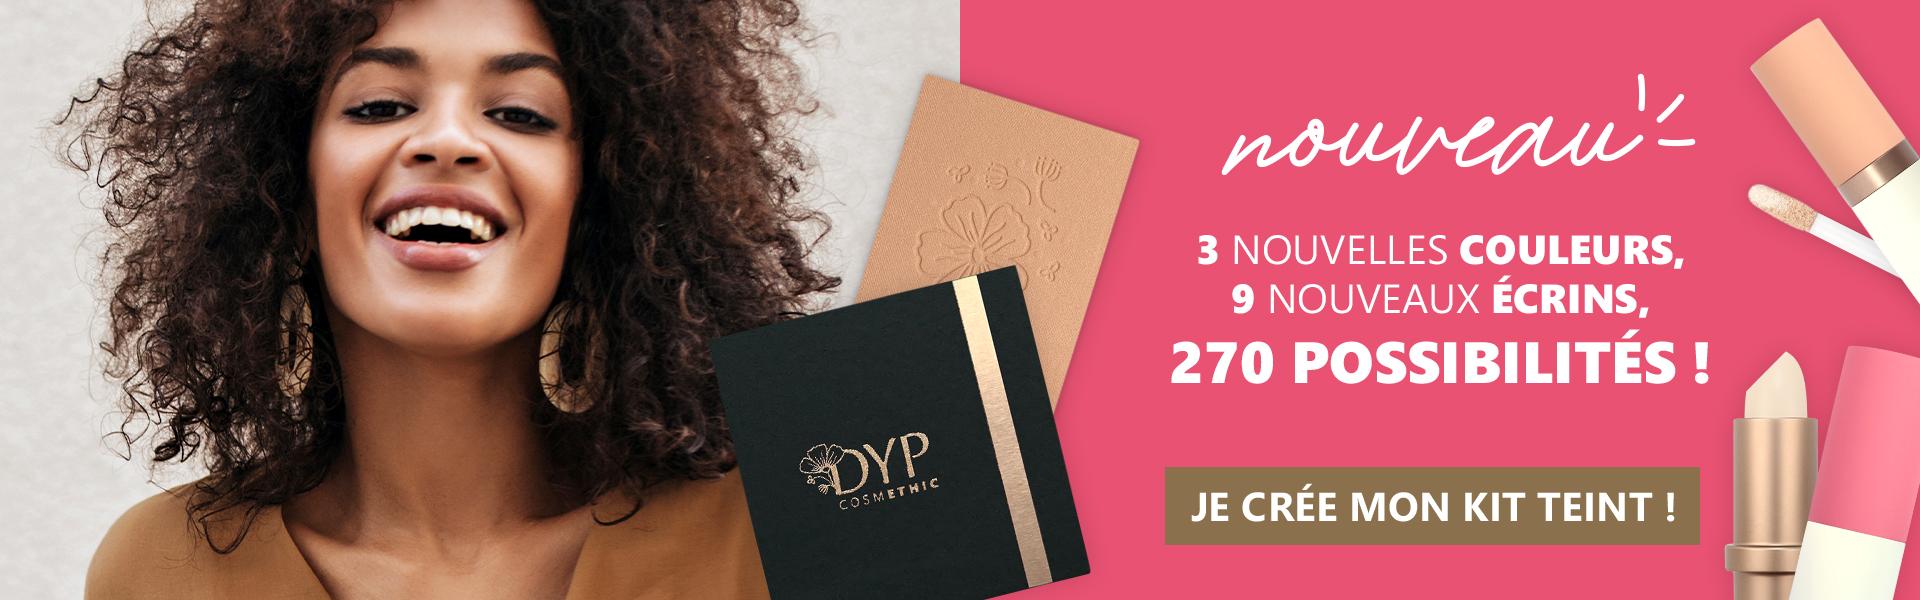 Nouveau - Ecrins DYP COSMETHIC